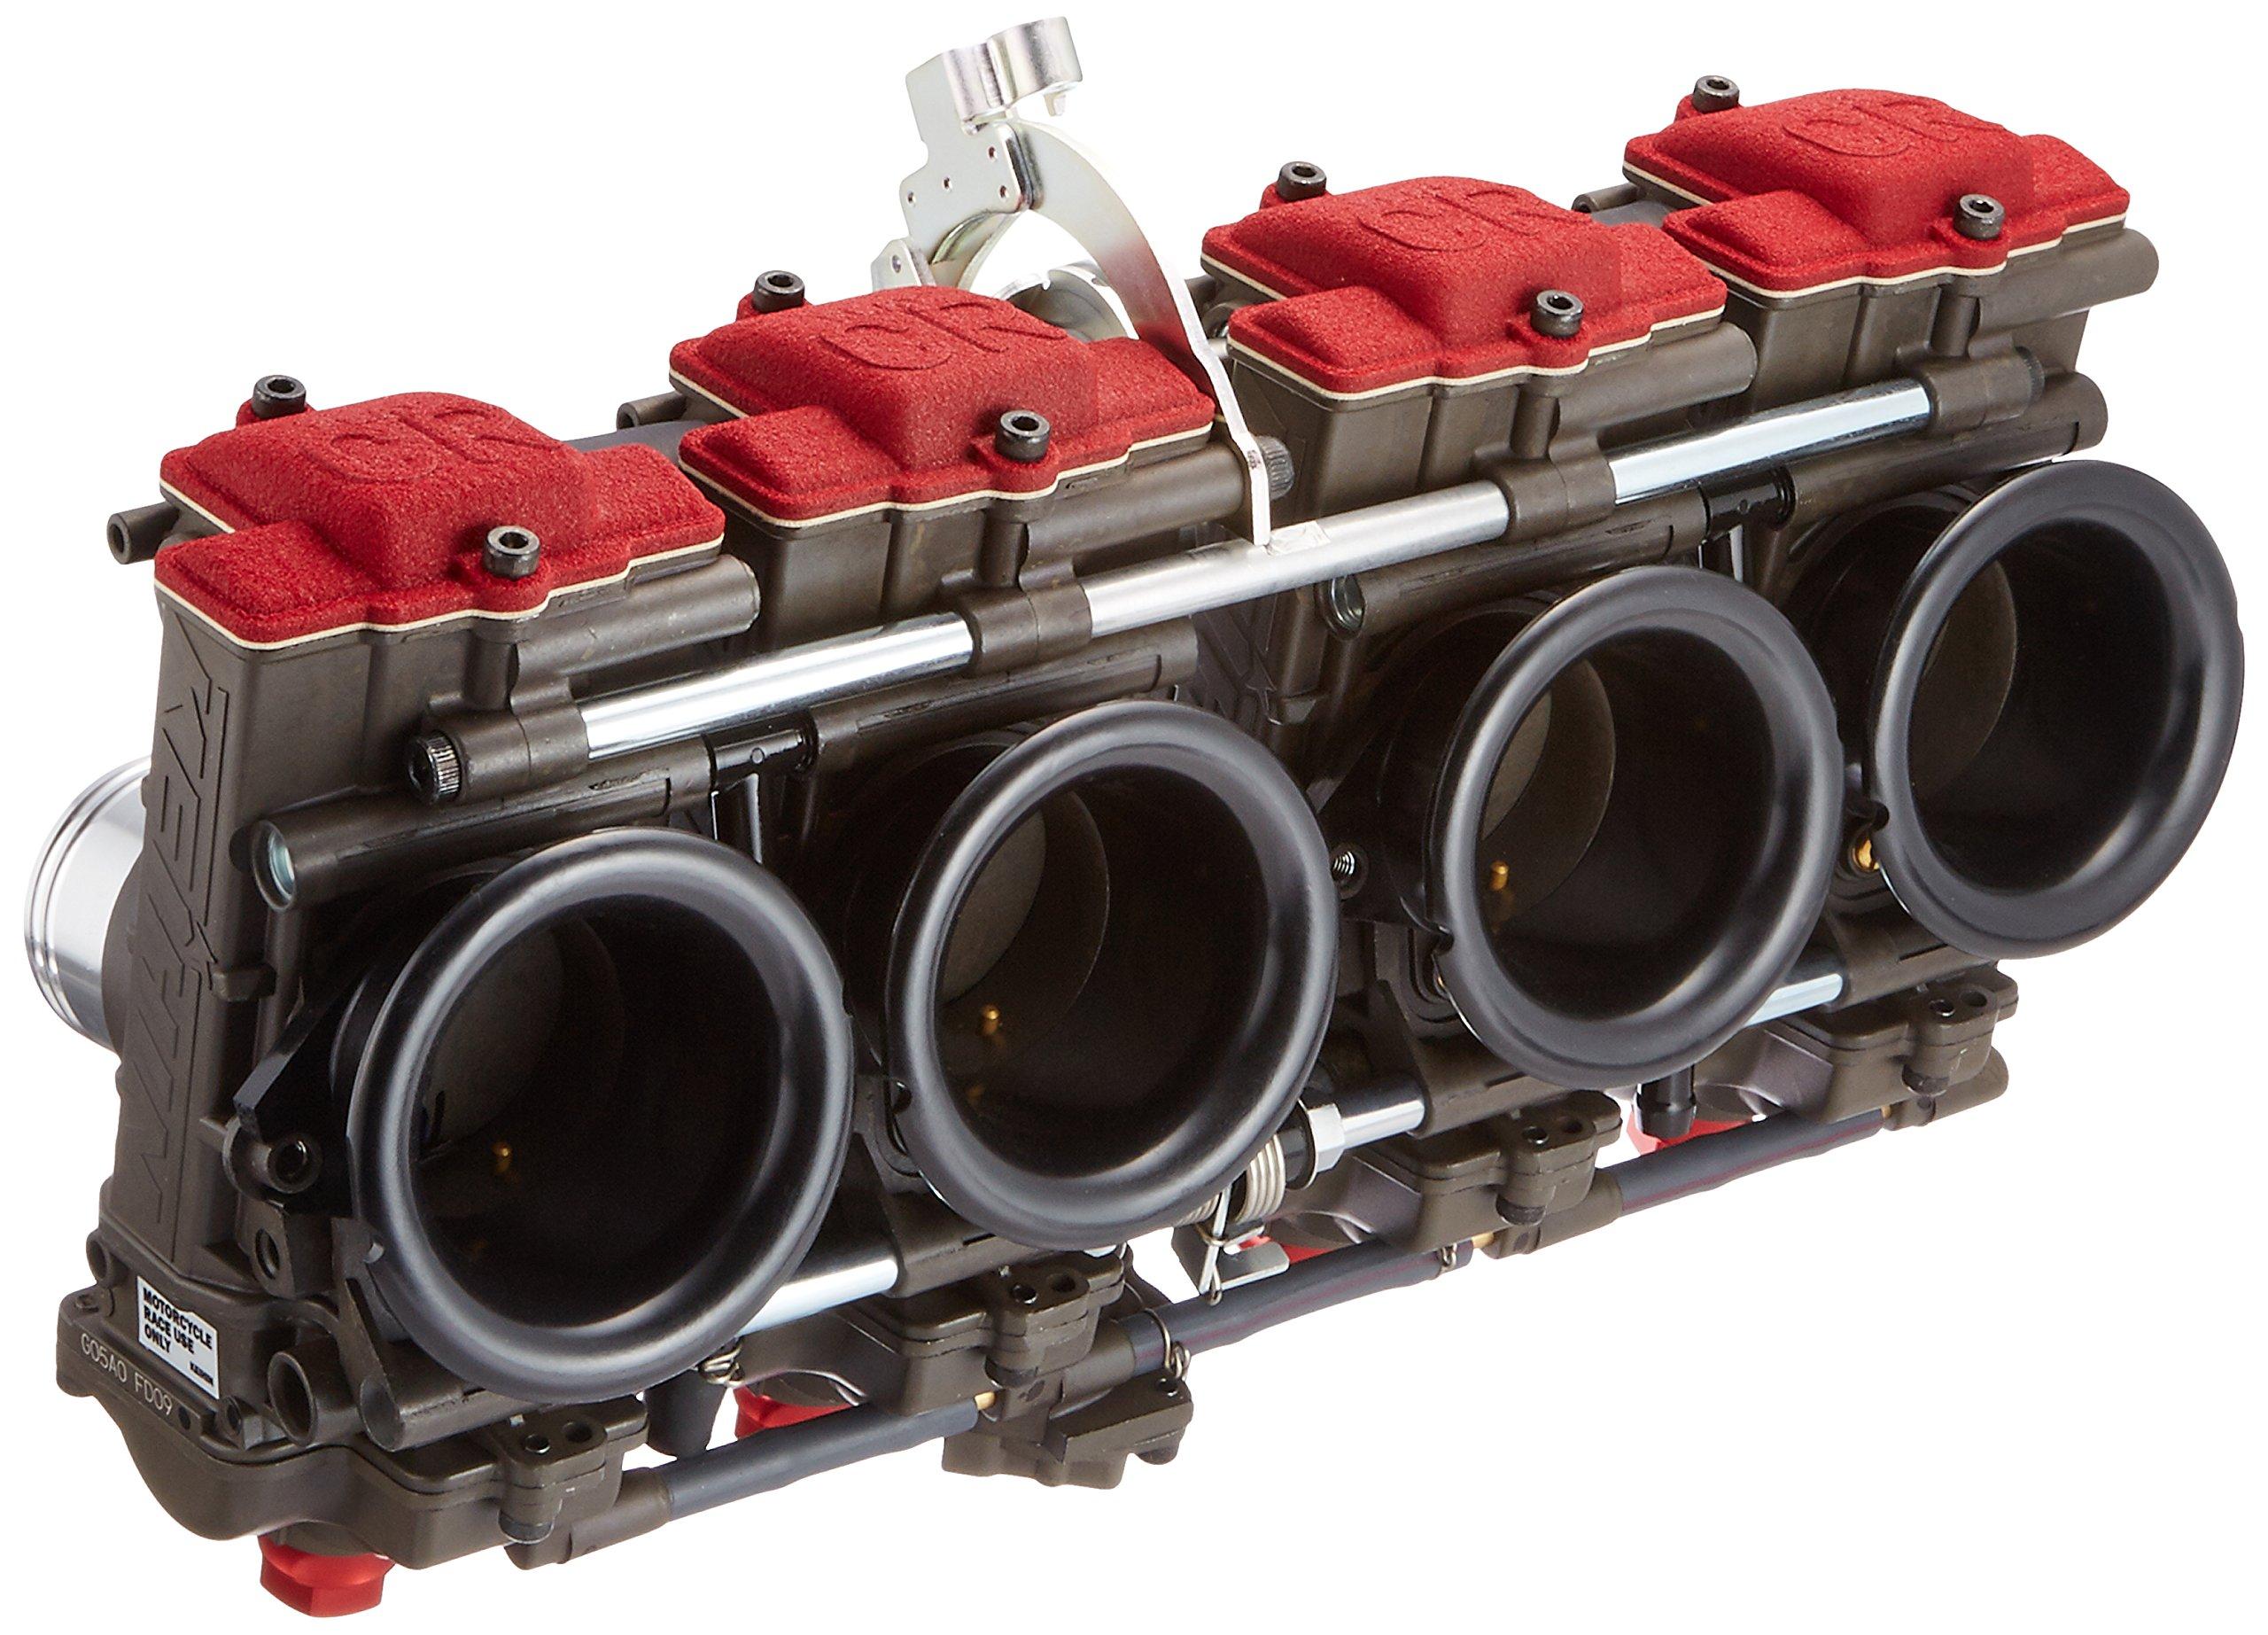 Yoshimura Keihin FCR-MJN39 carburetor funnel specification black body GPZ900R NINJA [Ninja] 759-294-2600